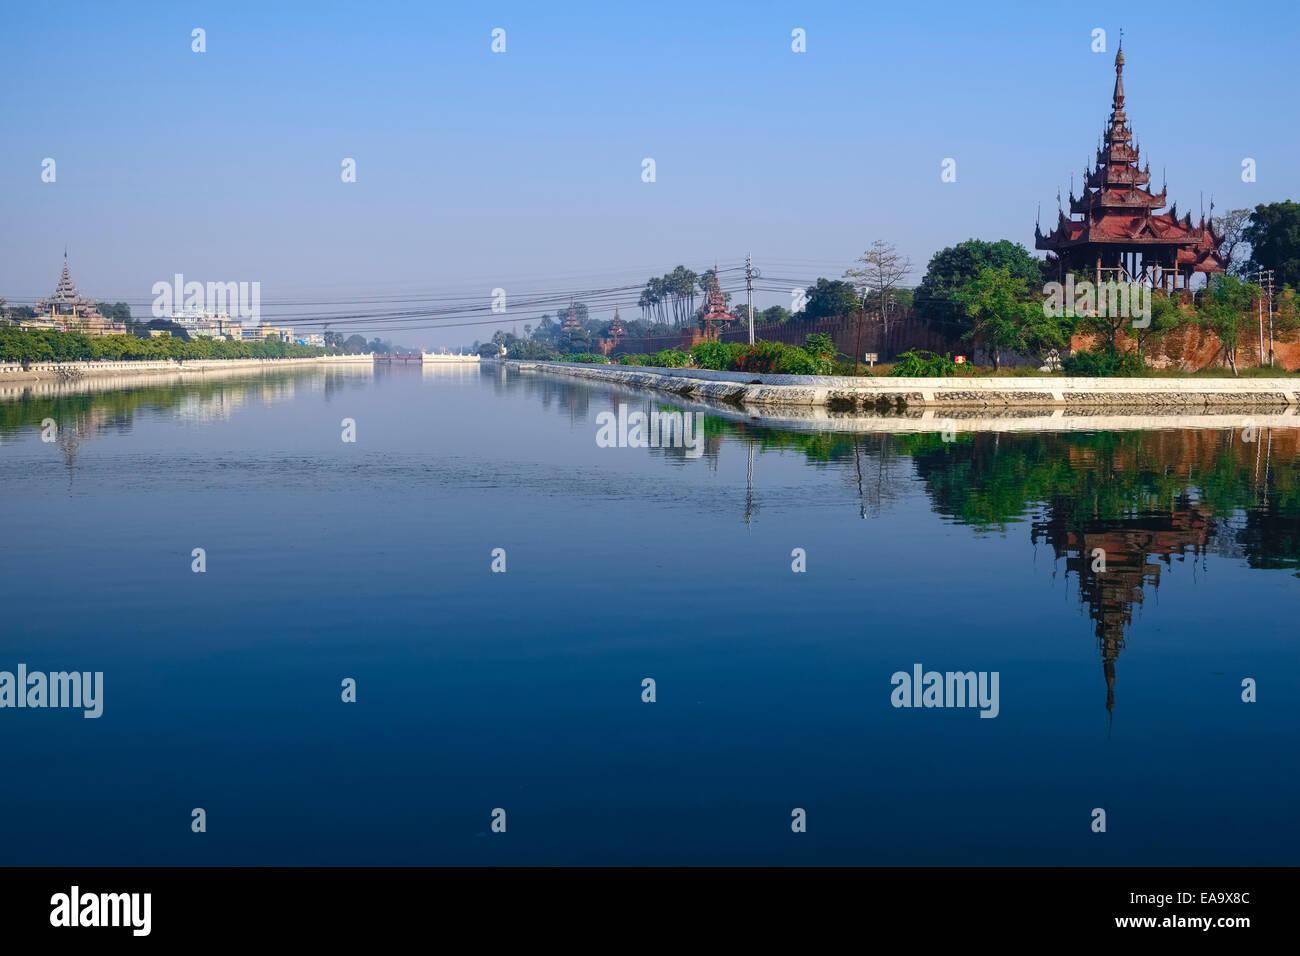 Moat at Royal Palace, Mandalay, Shan State, Myanmar - Stock Image